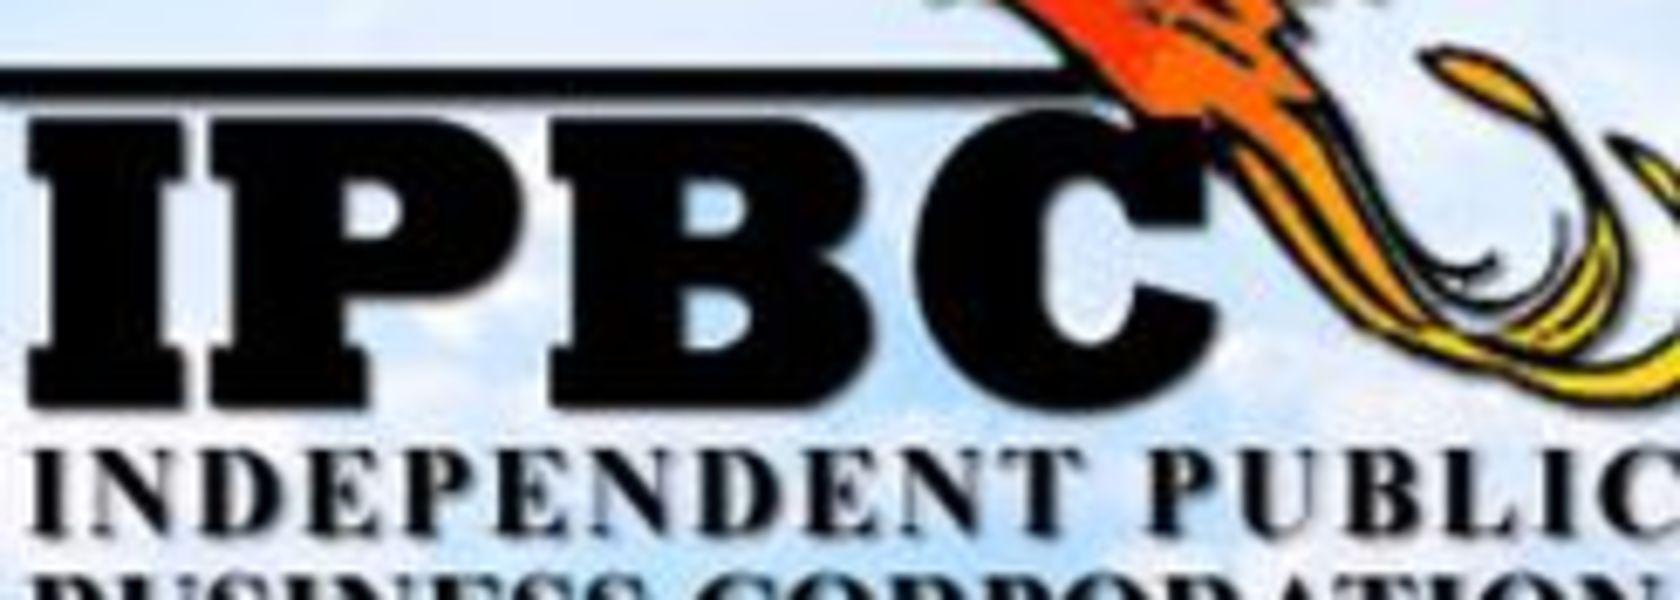 IPBC controversy.